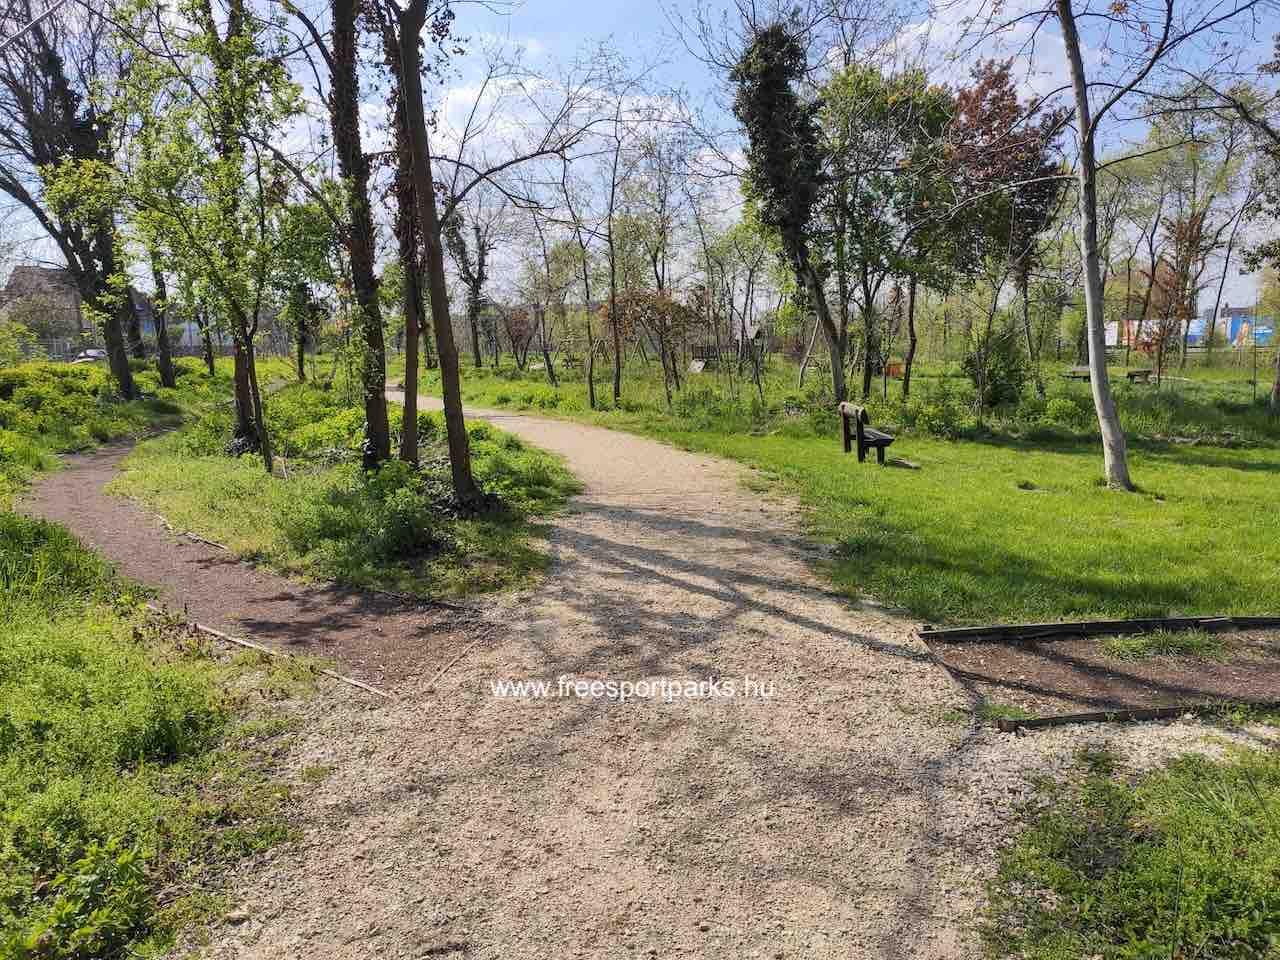 Kúttói parkerdő sétány - Free Sport Parks térkép